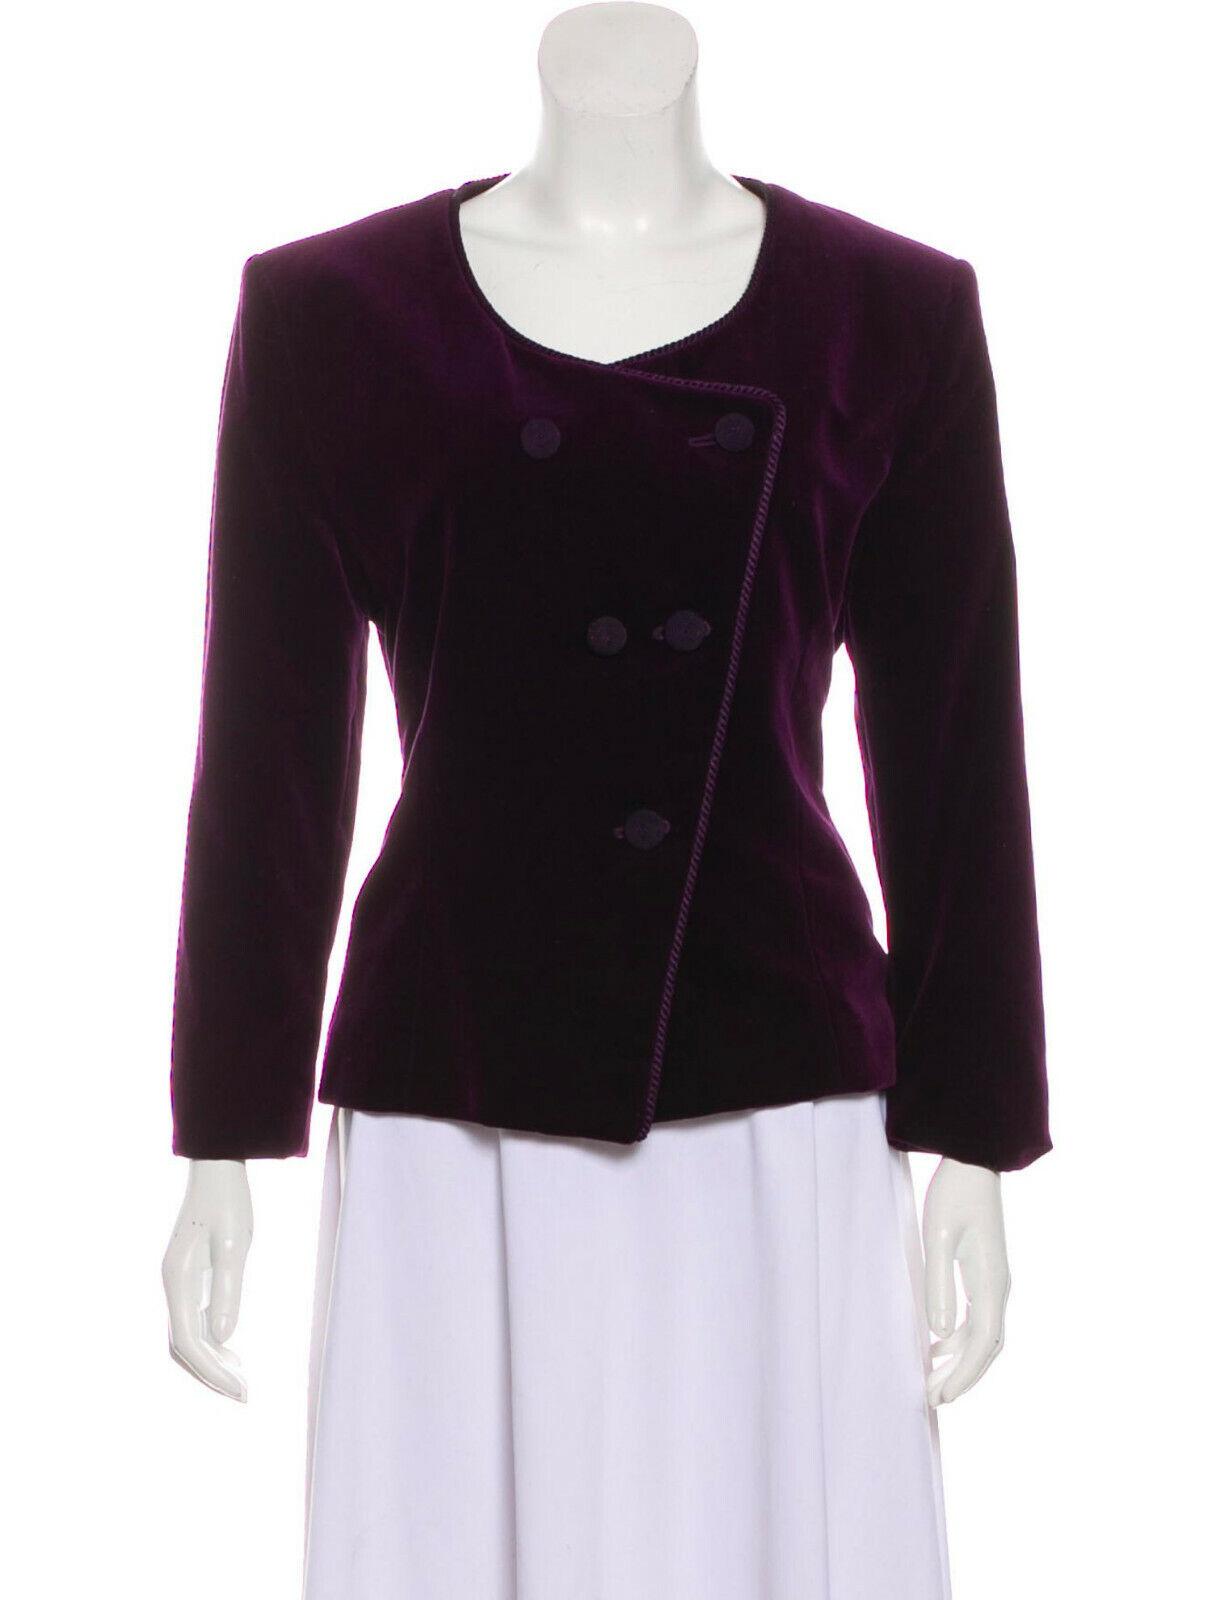 Christian Dior Strukturiert samt Jacke Blazer 10 M Lila Vintage Baumwolle